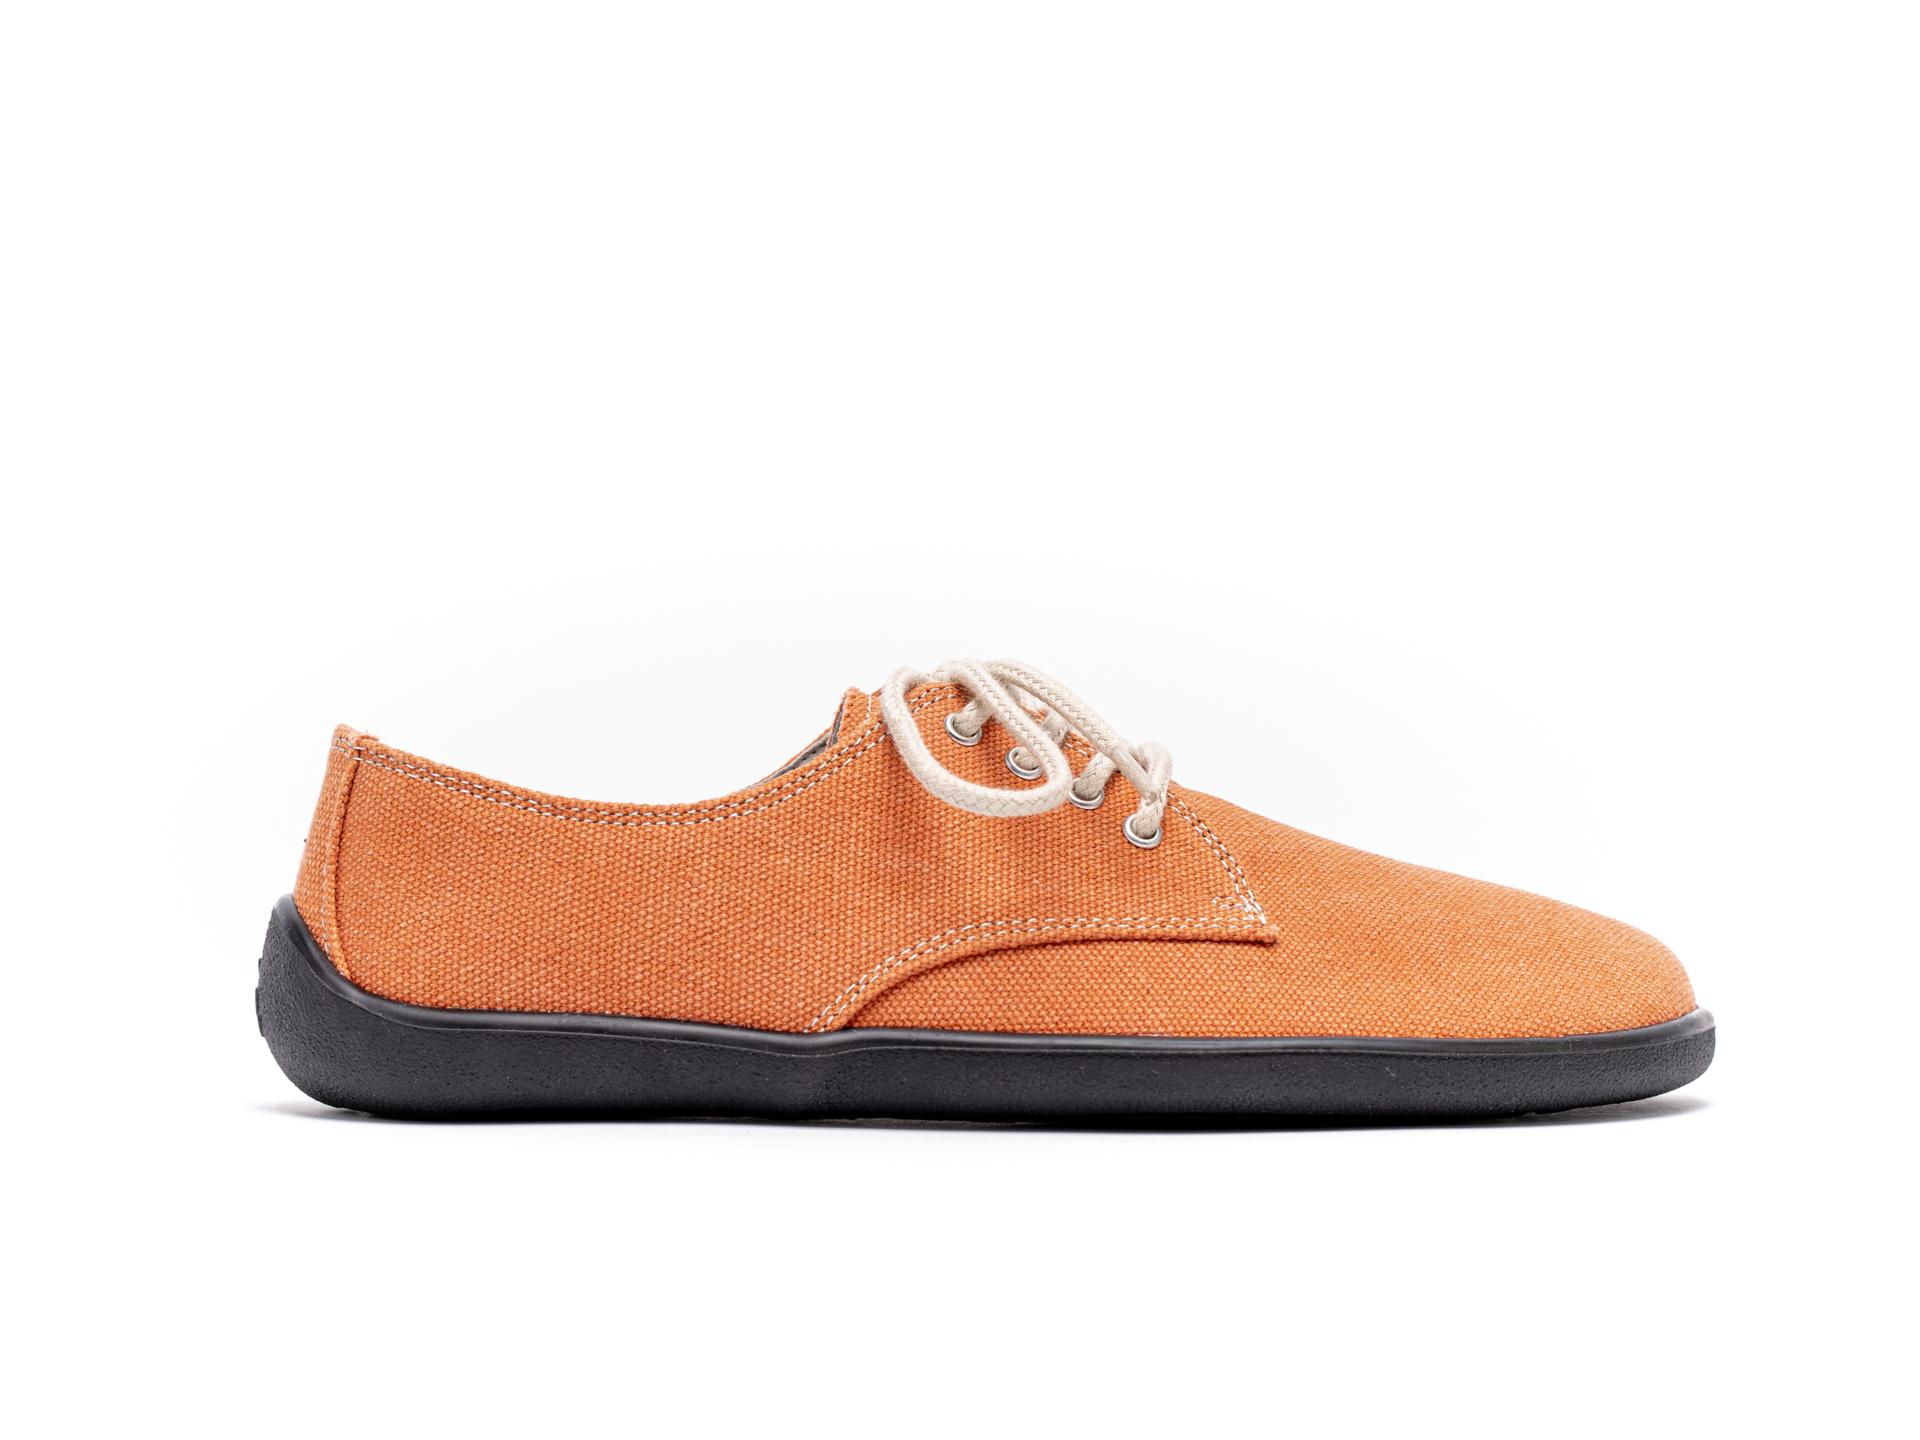 Barefoot Be Lenka City - Tangerine 44